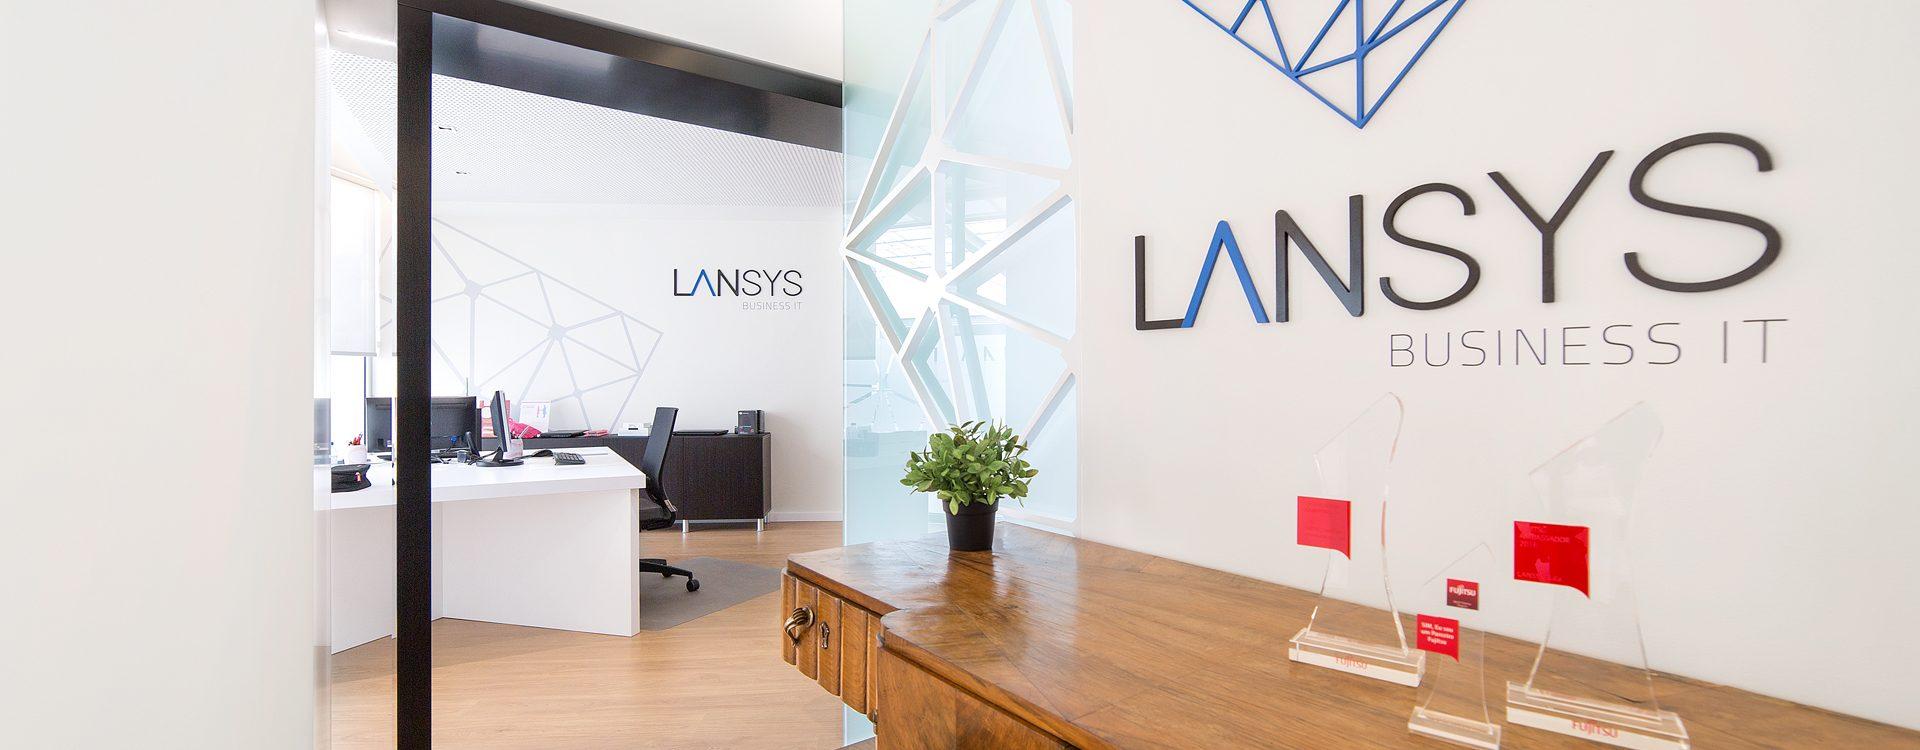 Lansys